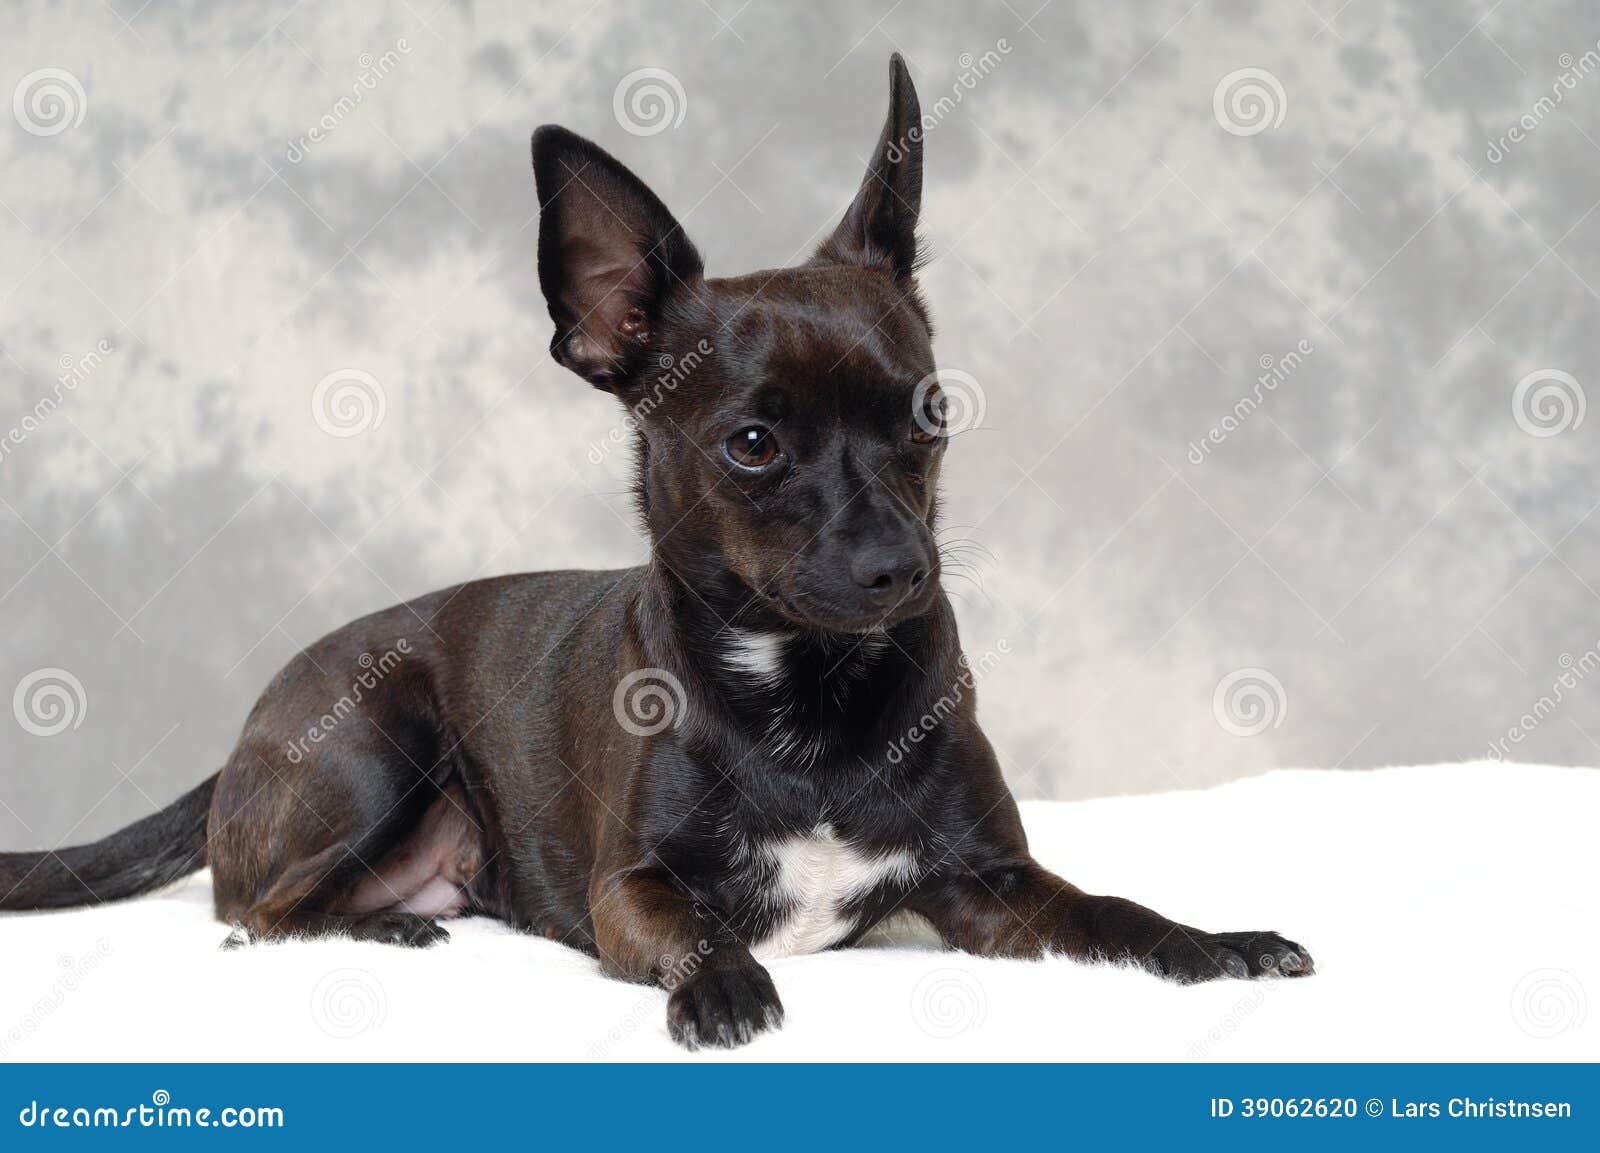 Black Puppy Dog Stock Photo - Image: 39062620